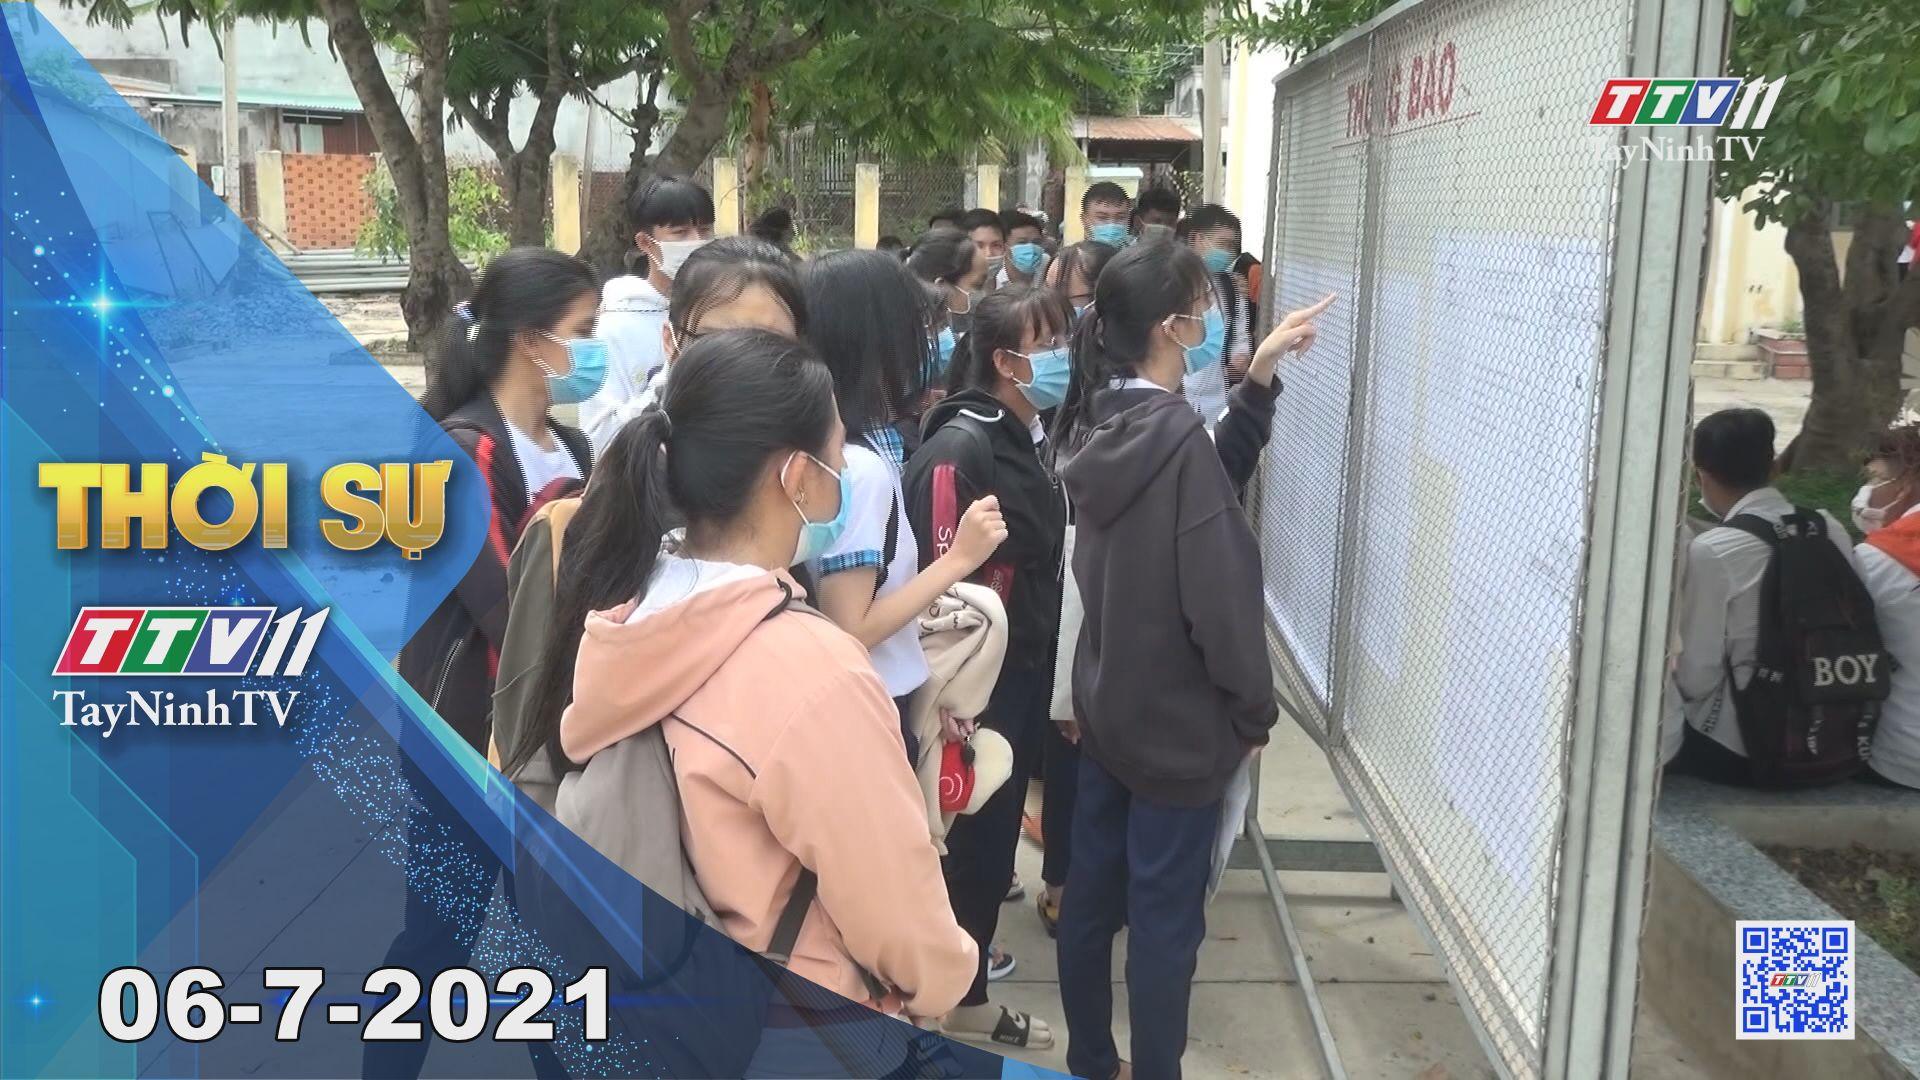 Thời sự Tây Ninh 06-7-2021 | Tin tức hôm nay | TayNinhTV